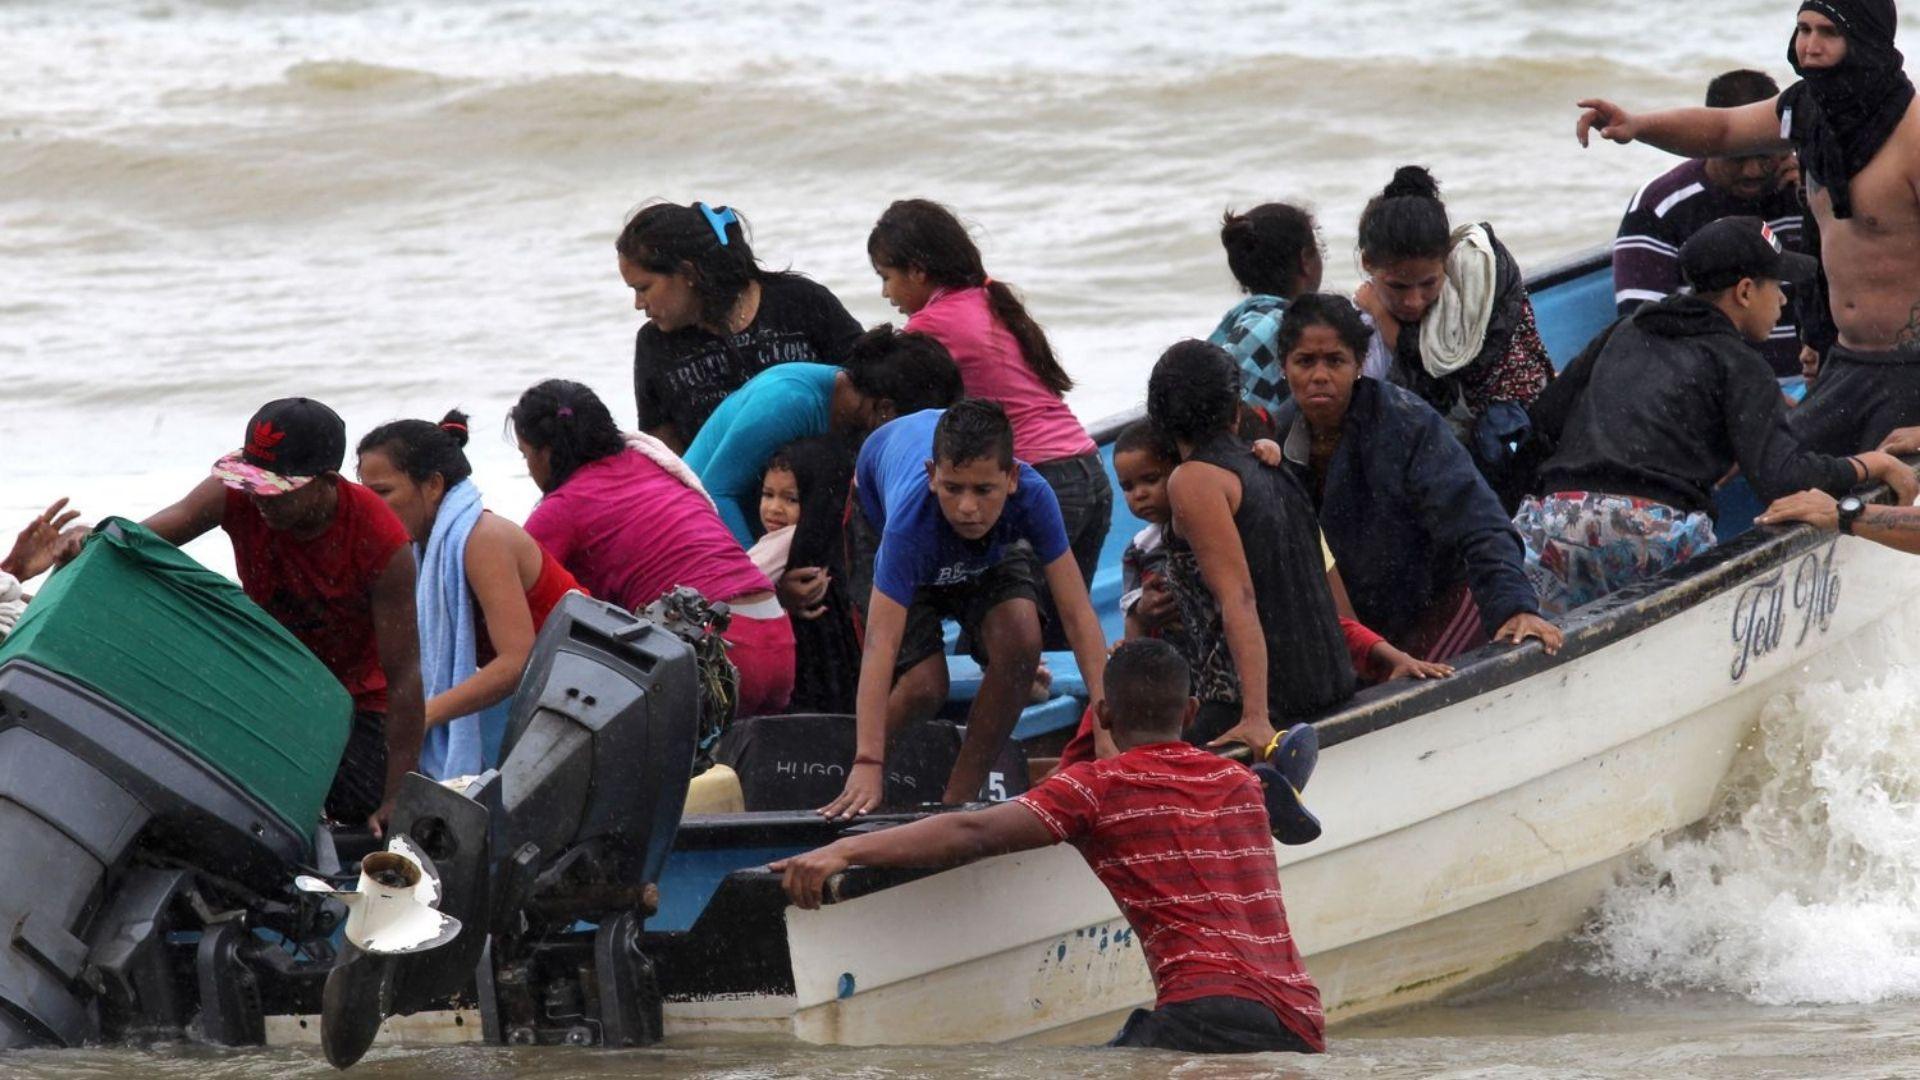 Oficina de Bachelet urge un plan de búsqueda y rescate en el caso de Güiria